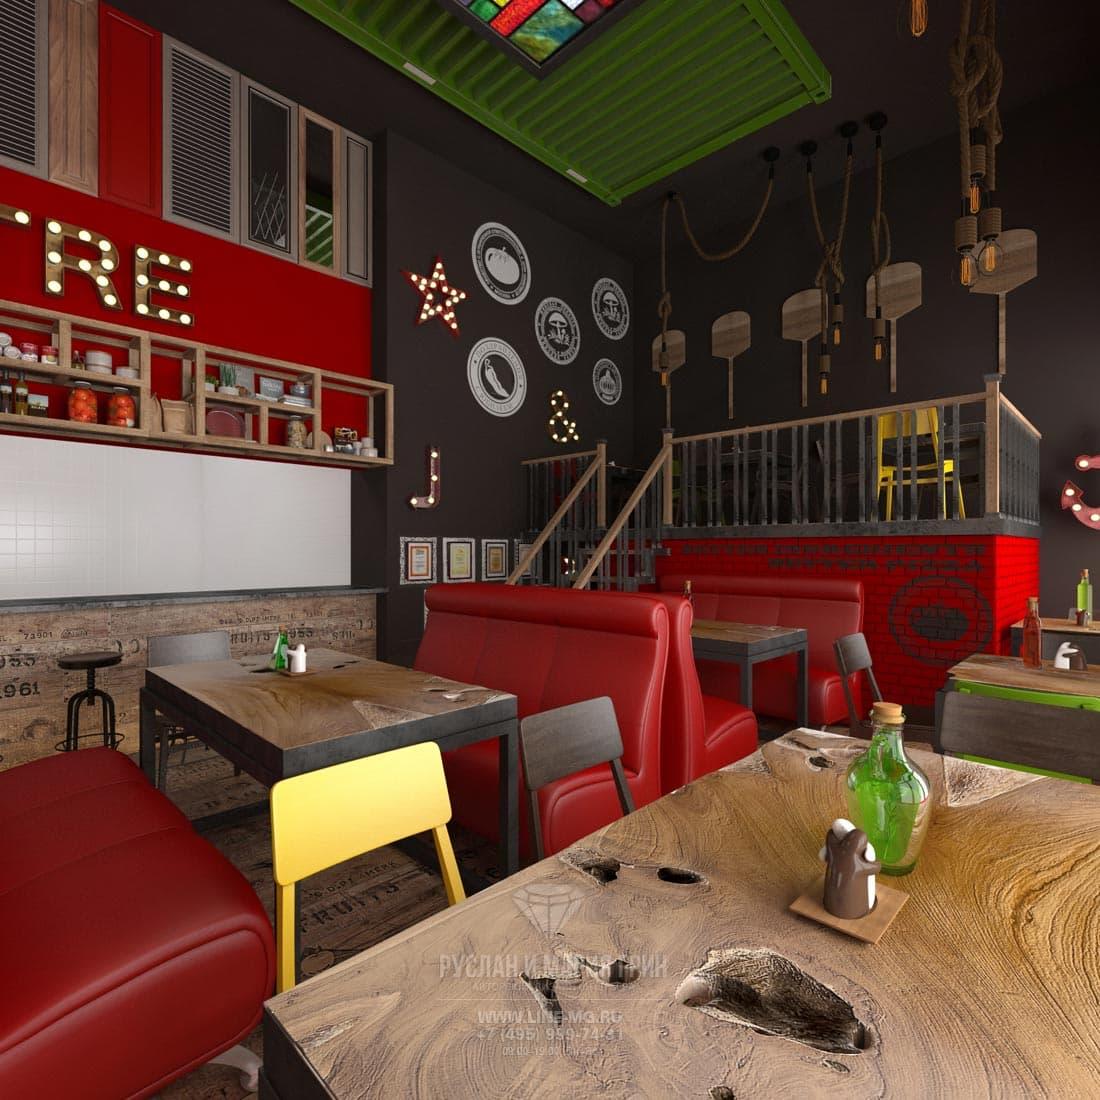 Оформление стен лофтового пространства пиццерии